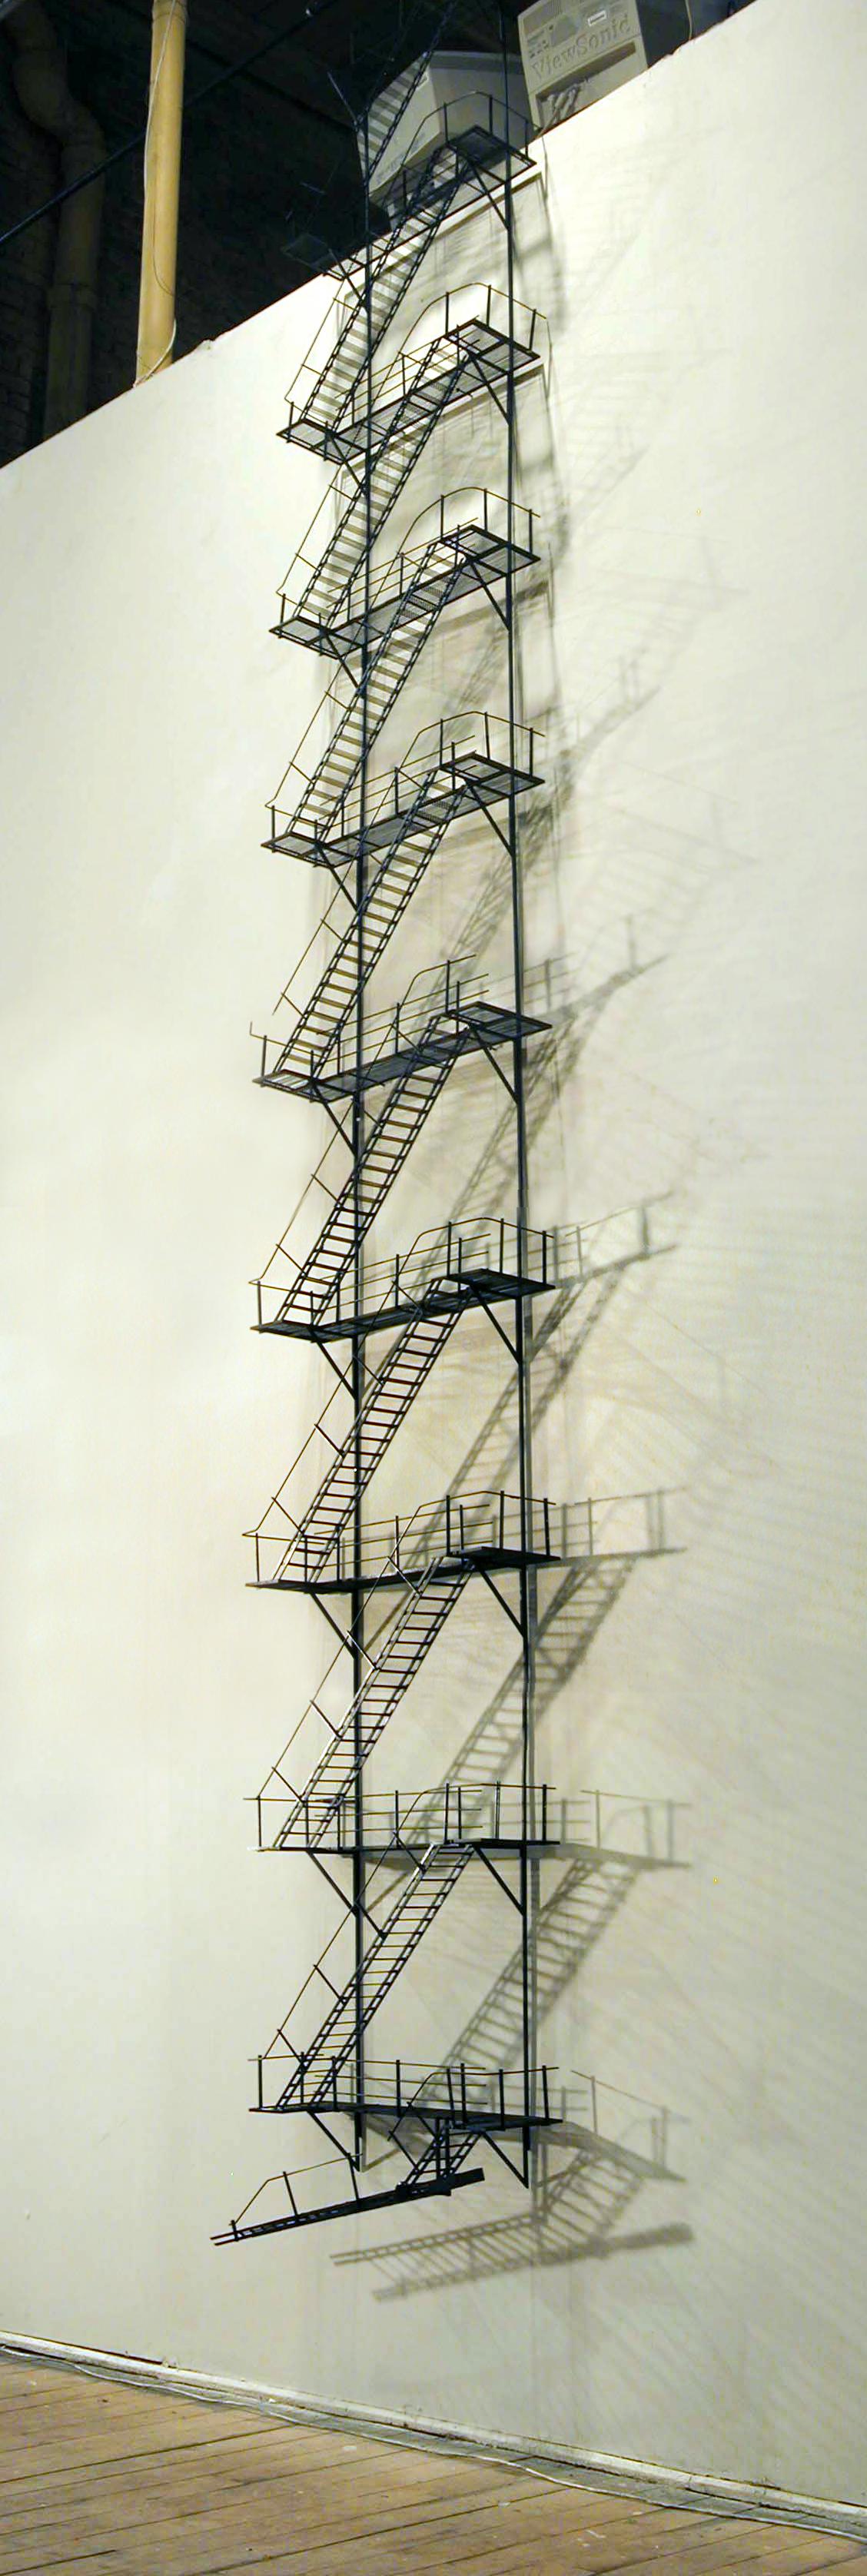 05_Tom Lauerman, Fire Escape (Detail), 2004, wood, metal, plastic, paint, 18x4x180, private collection.jpg